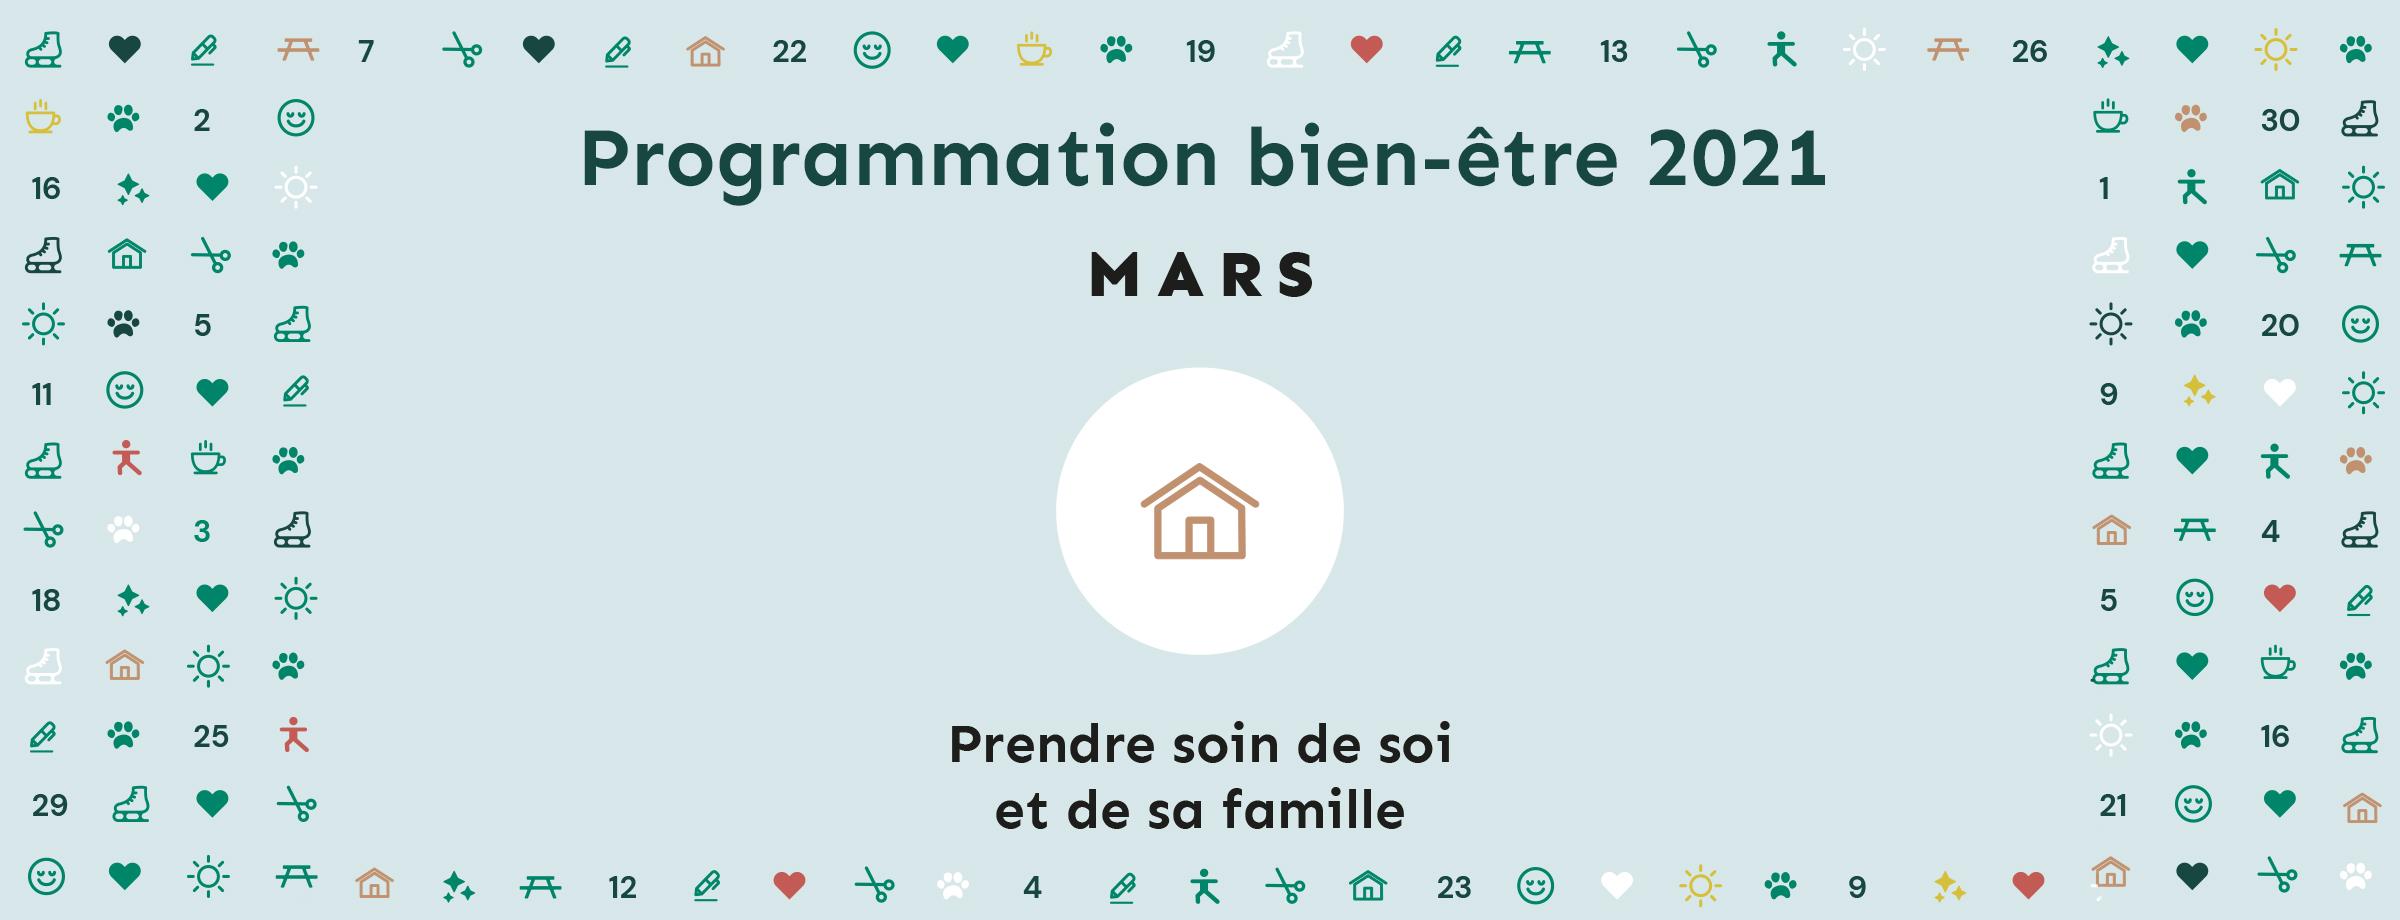 Programmation bien-être 2021 | Thématique mars